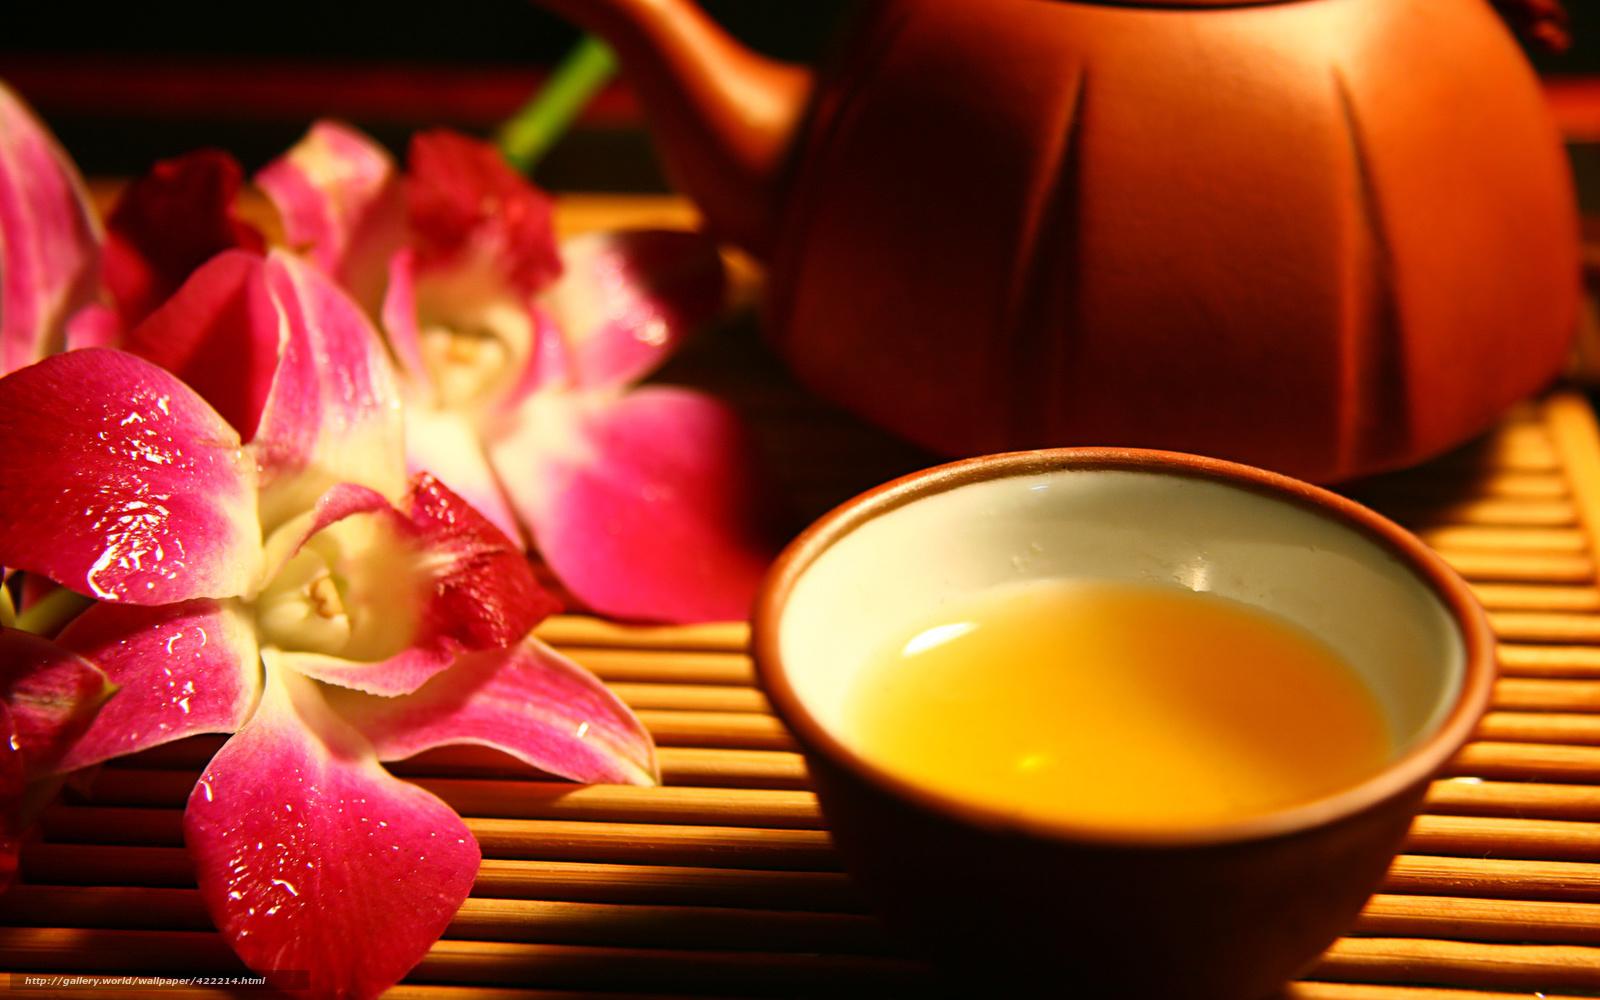 Скачать обои орхидея,  цветы,  чашка,  еда бесплатно для рабочего стола в разрешении 1680x1050 — картинка №422214